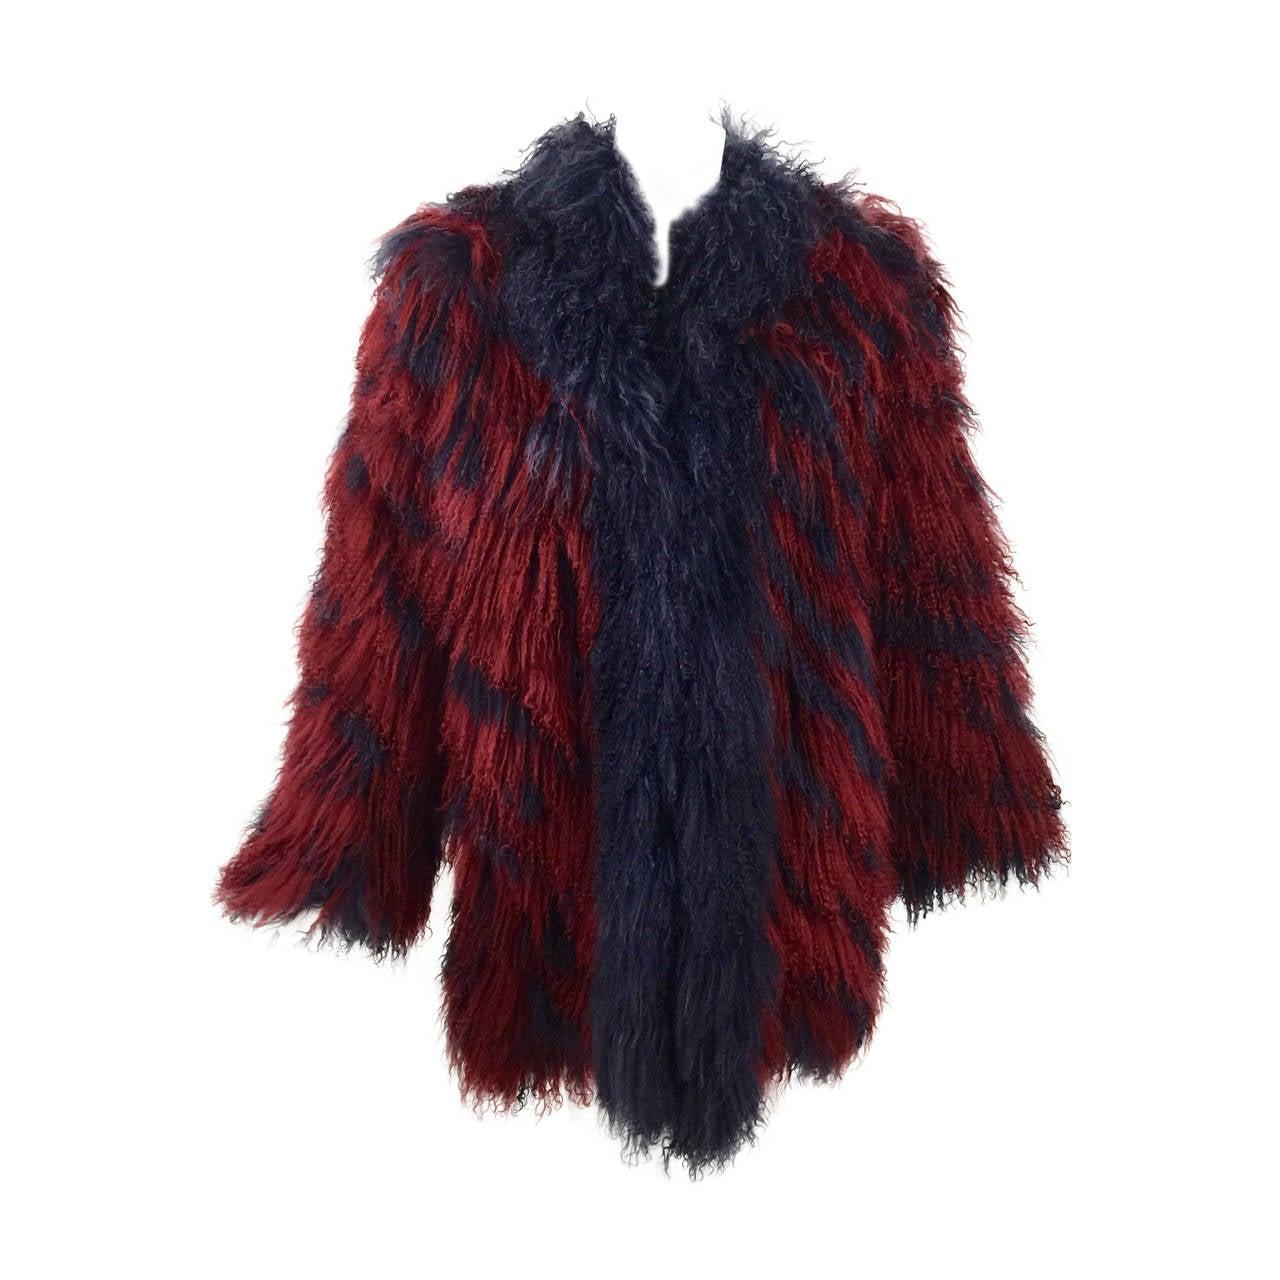 Vintage Yves Saint Laurent Fourrures Iconic Mongolian Red & Purple Fur Coat 1